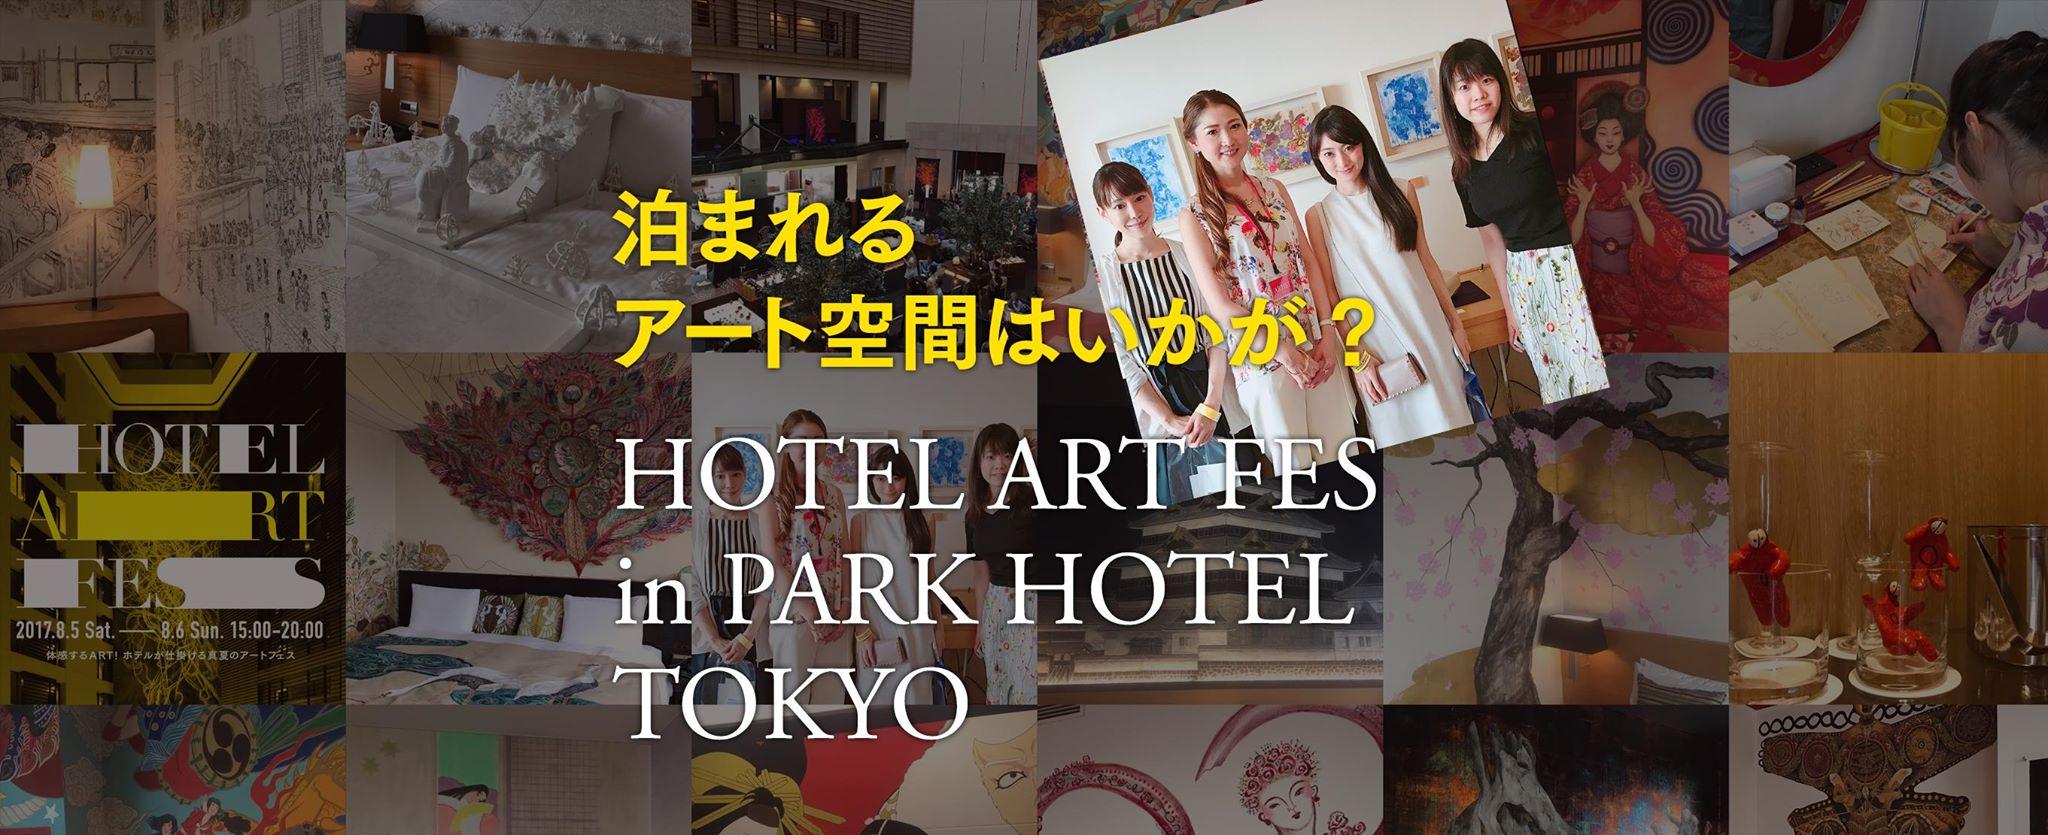 泊まれるアート空間はいかが? HOTEL ART FES in PARK HOTEL TOKYO